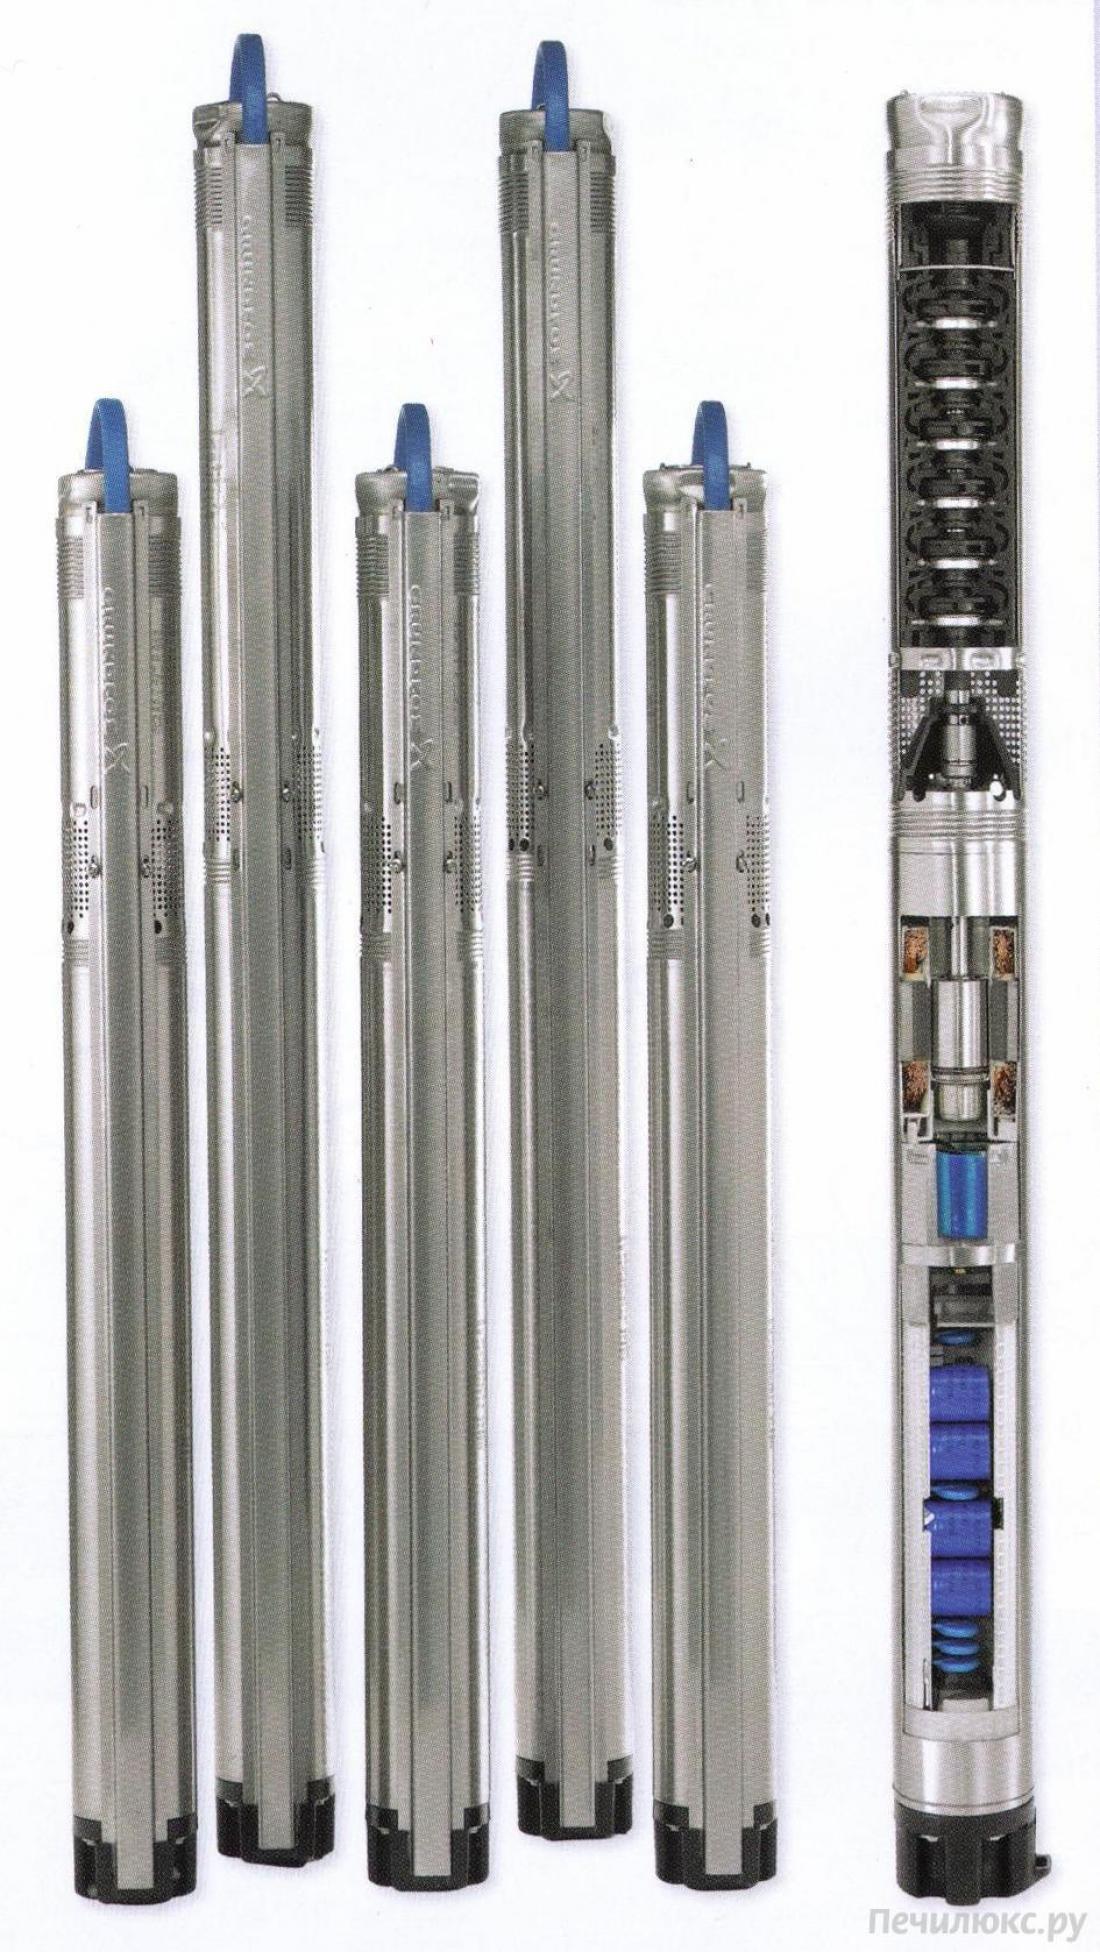 SQE 1- 50     0.70kW 200-240V 50/60Hz